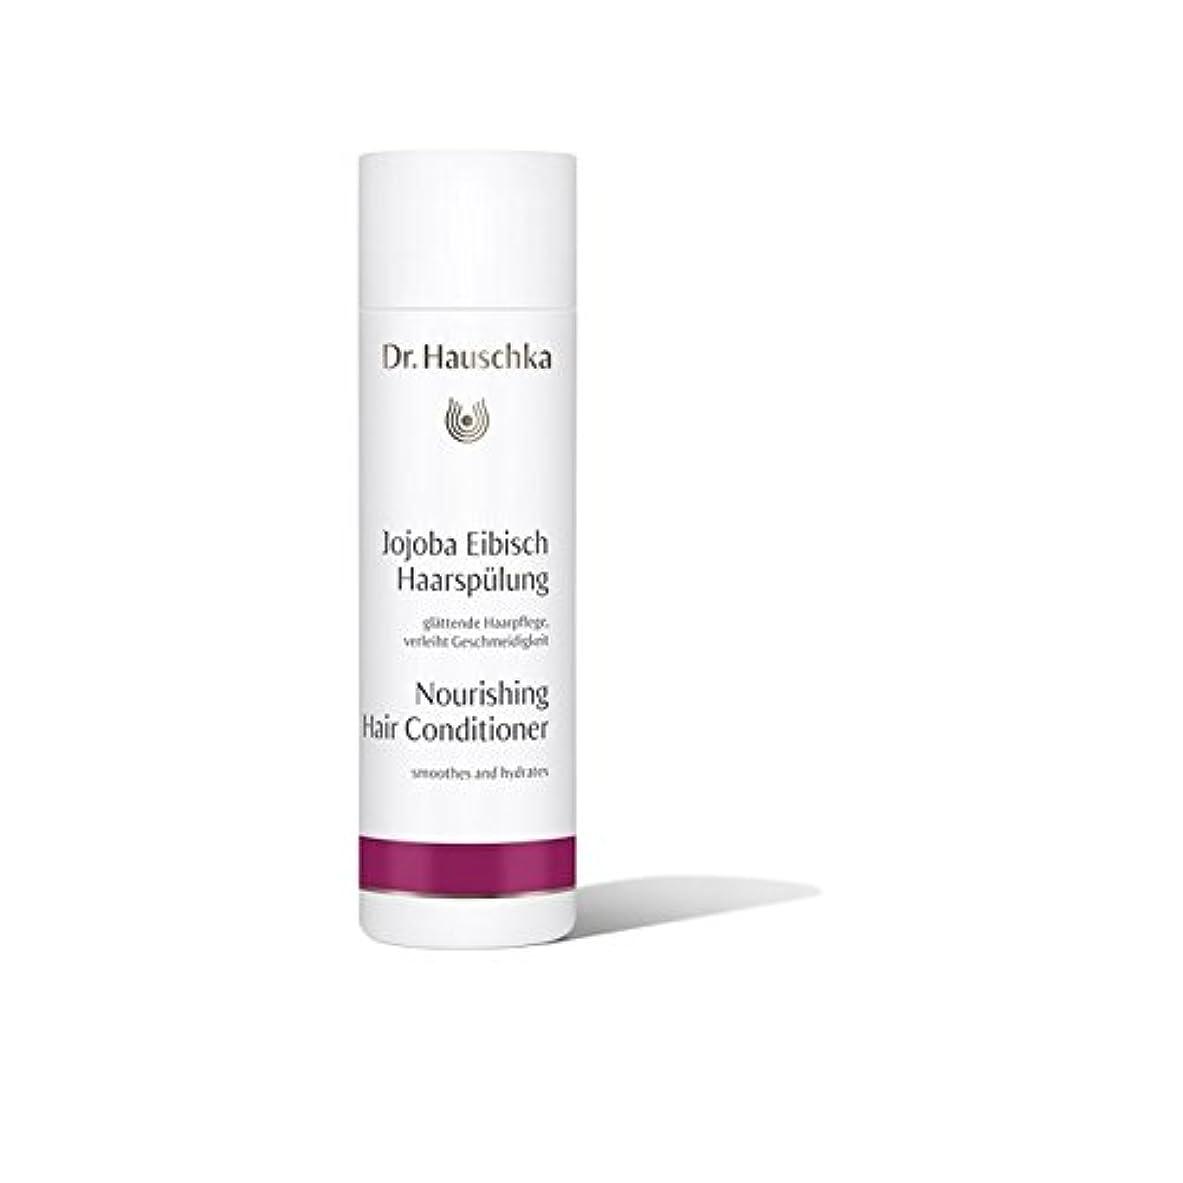 人柄協定ジョットディボンドンハウシュカ栄養ヘアコンディショナー(200ミリリットル) x2 - Dr. Hauschka Nourishing Hair Conditioner (200ml) (Pack of 2) [並行輸入品]